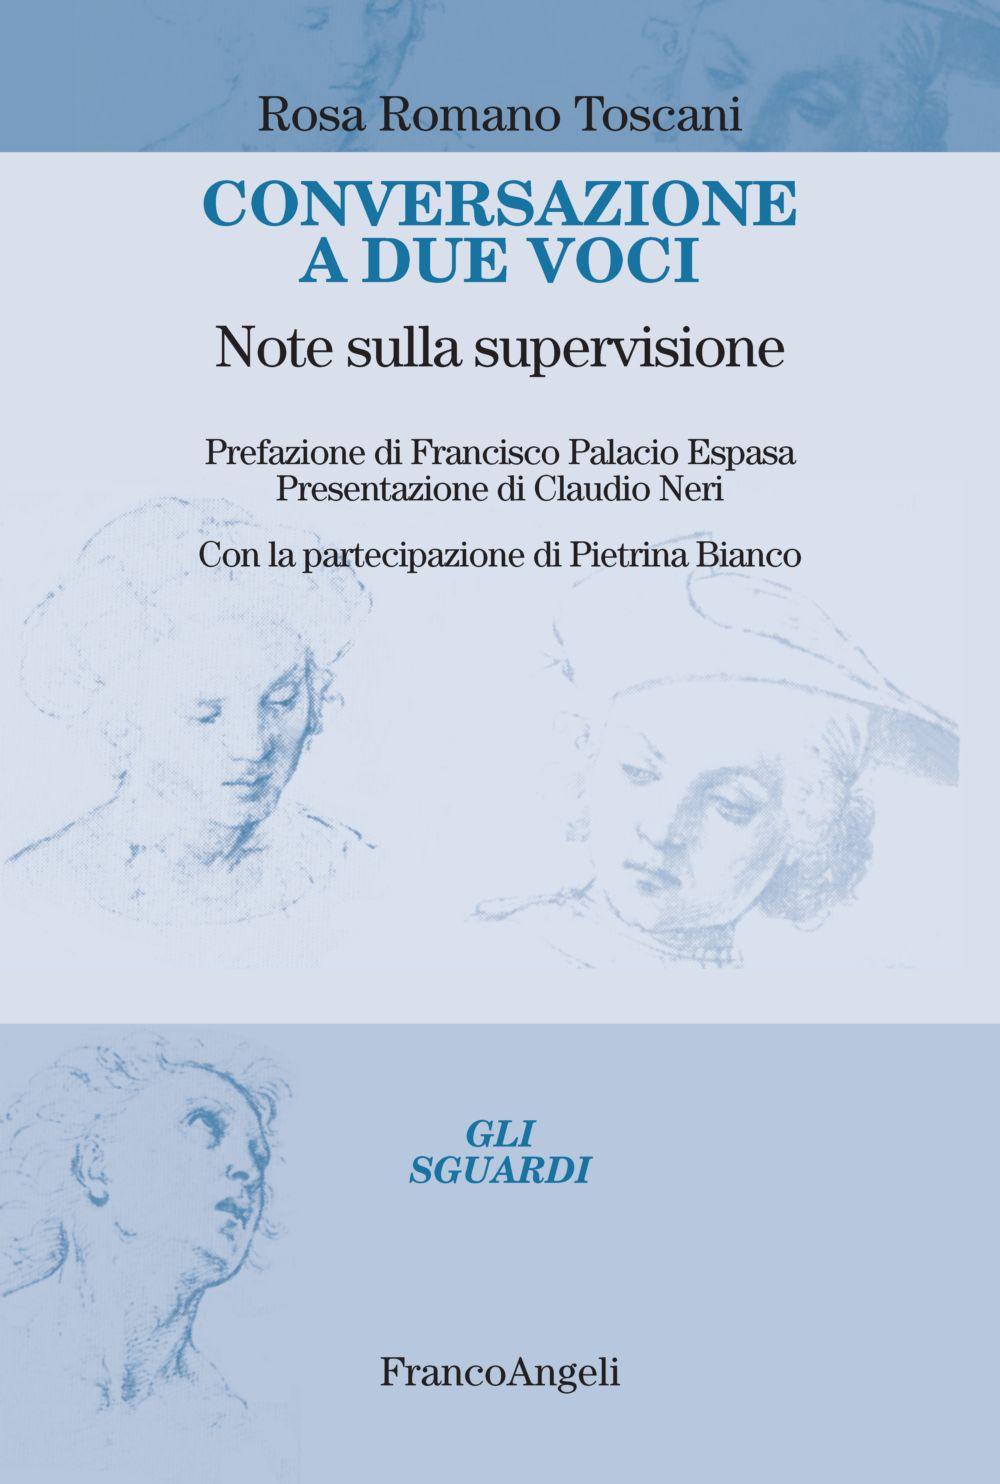 Toscani - Conversazioni a due voci